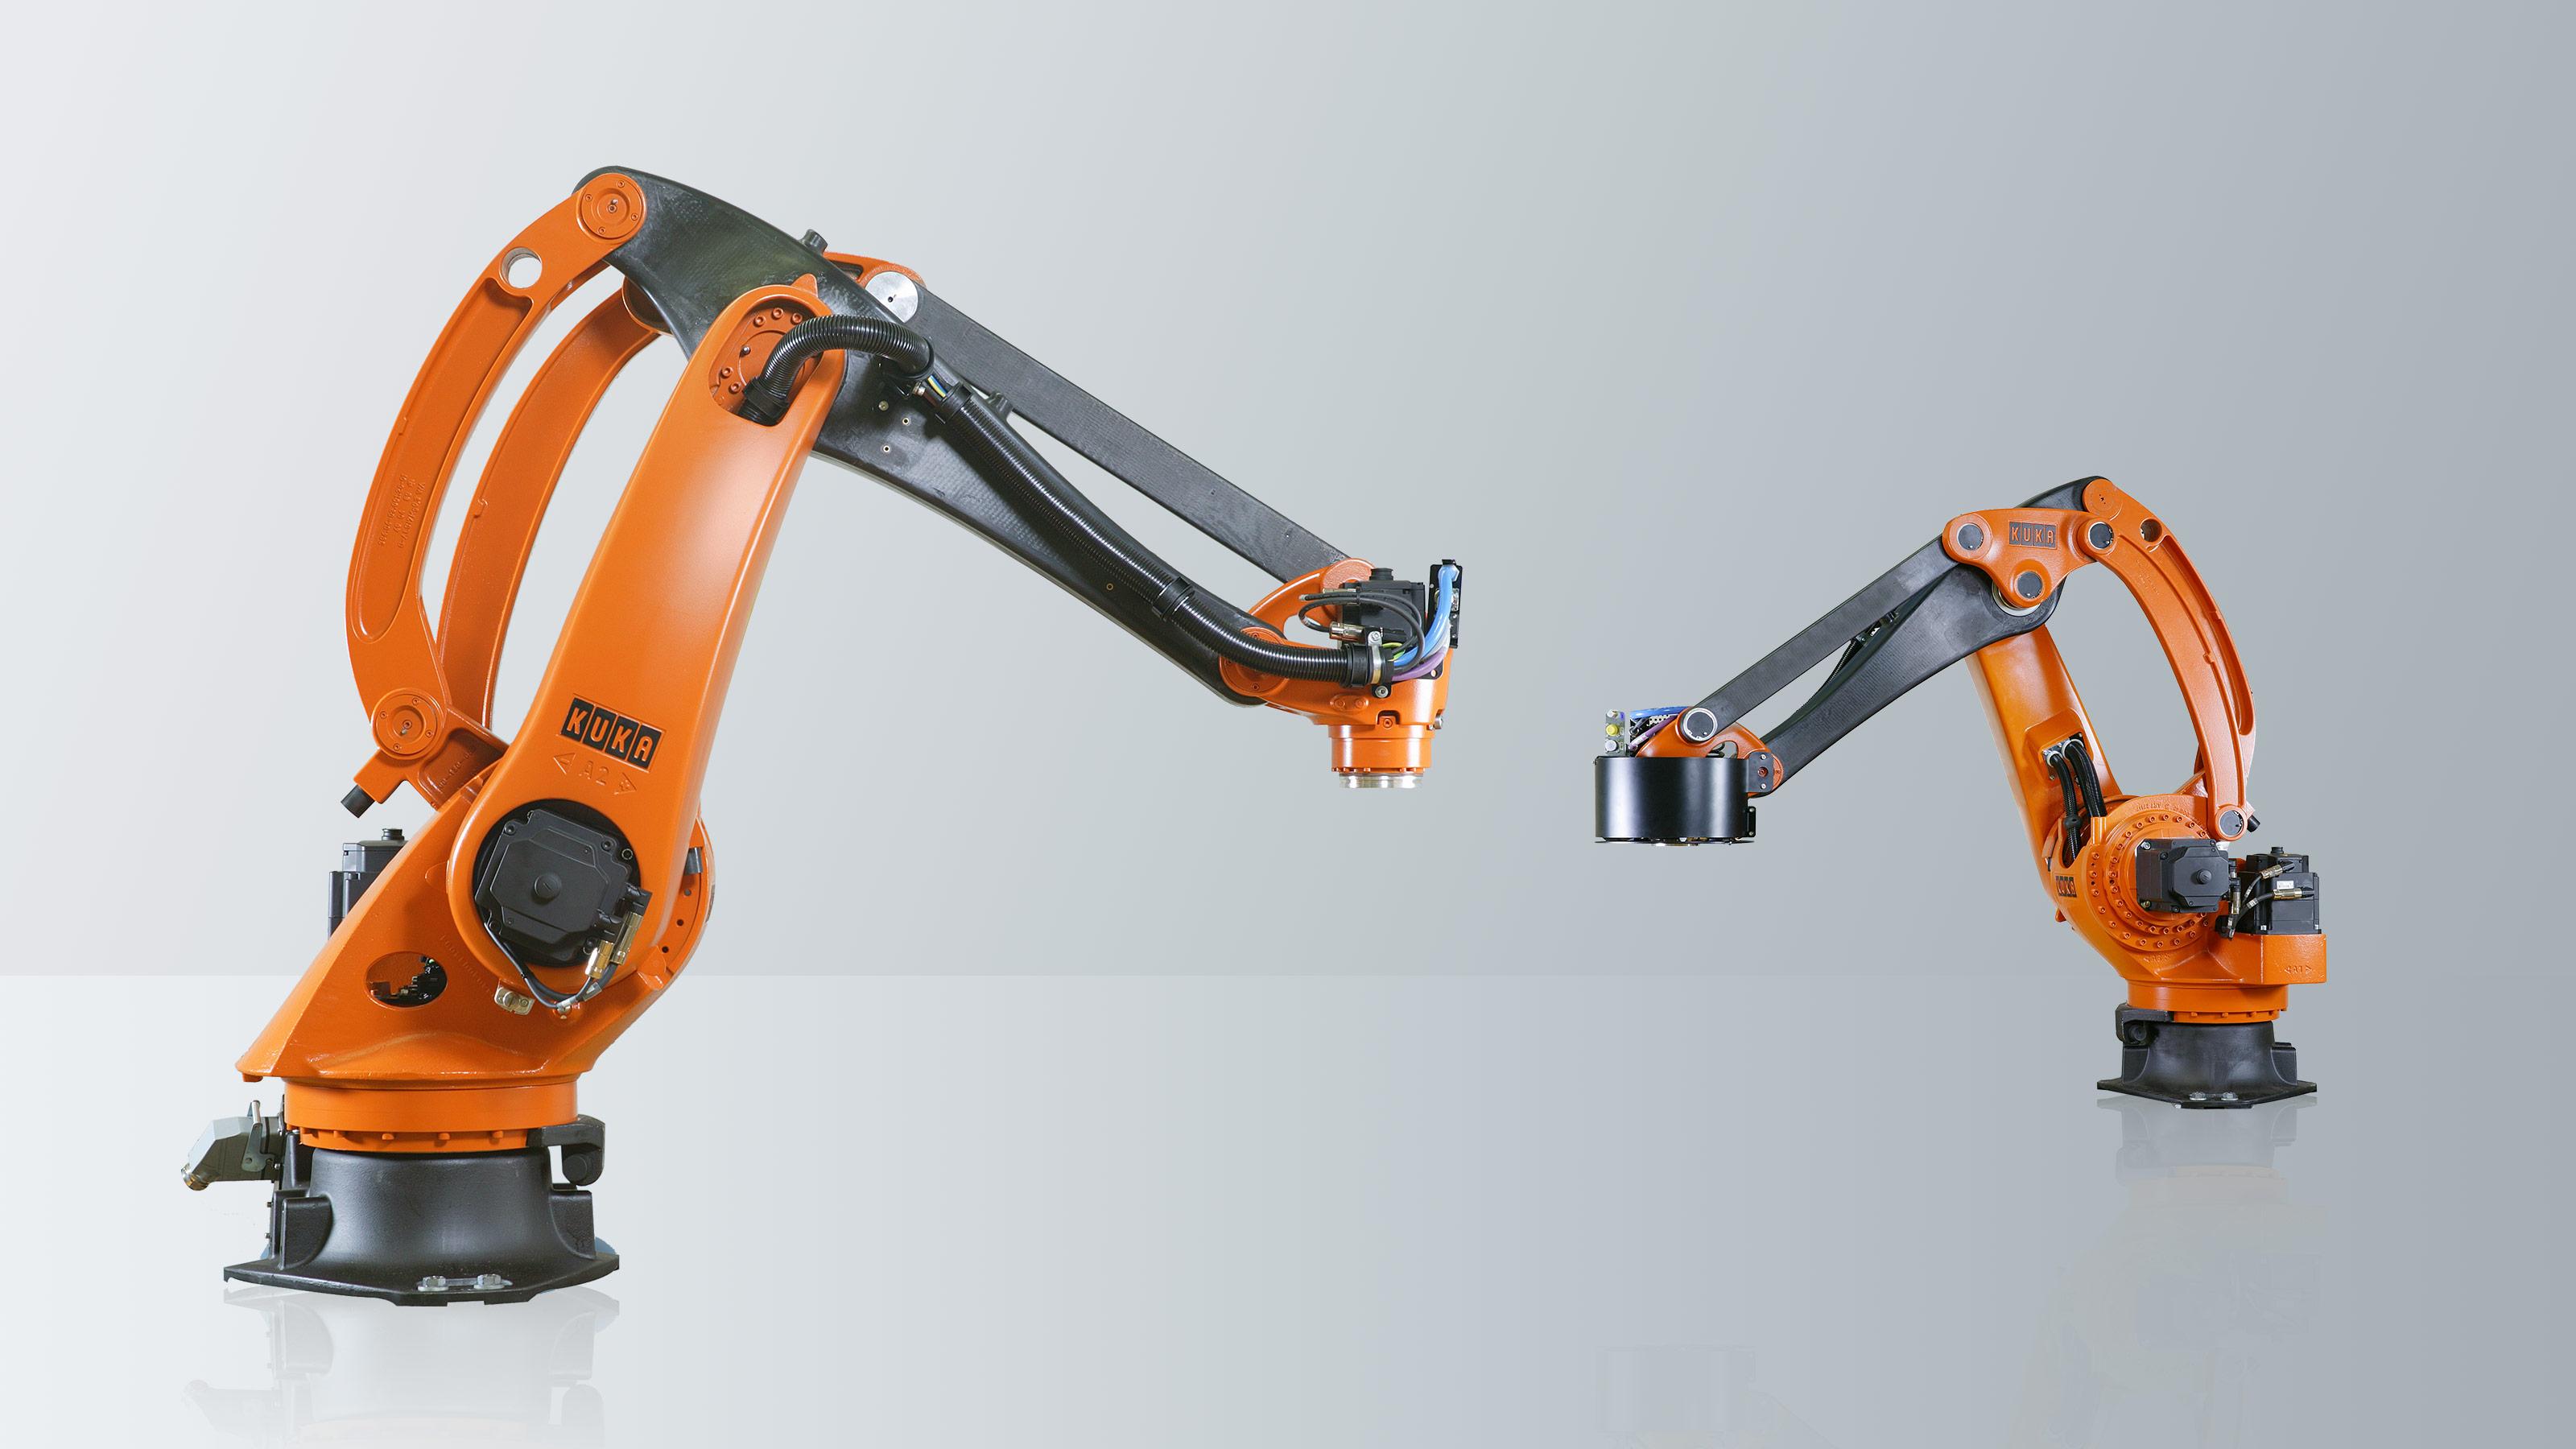 cnc robot router ، cnc robot arm kit ، cnc robotics pdf ، cnc robot programming ، cnc robot loader ، cnc robotic arm price ، cnc robotica ، cnc robot ، ، cnc robot machining ، cnc robot cost ، cnc robot arm for sale ، cnc robot for sale ، ، cnc robot arm plans ، cnc robot abb ، cnc robot Fanuc ، cnc art robot ،cnc machine robot arm ، is cnc a robot